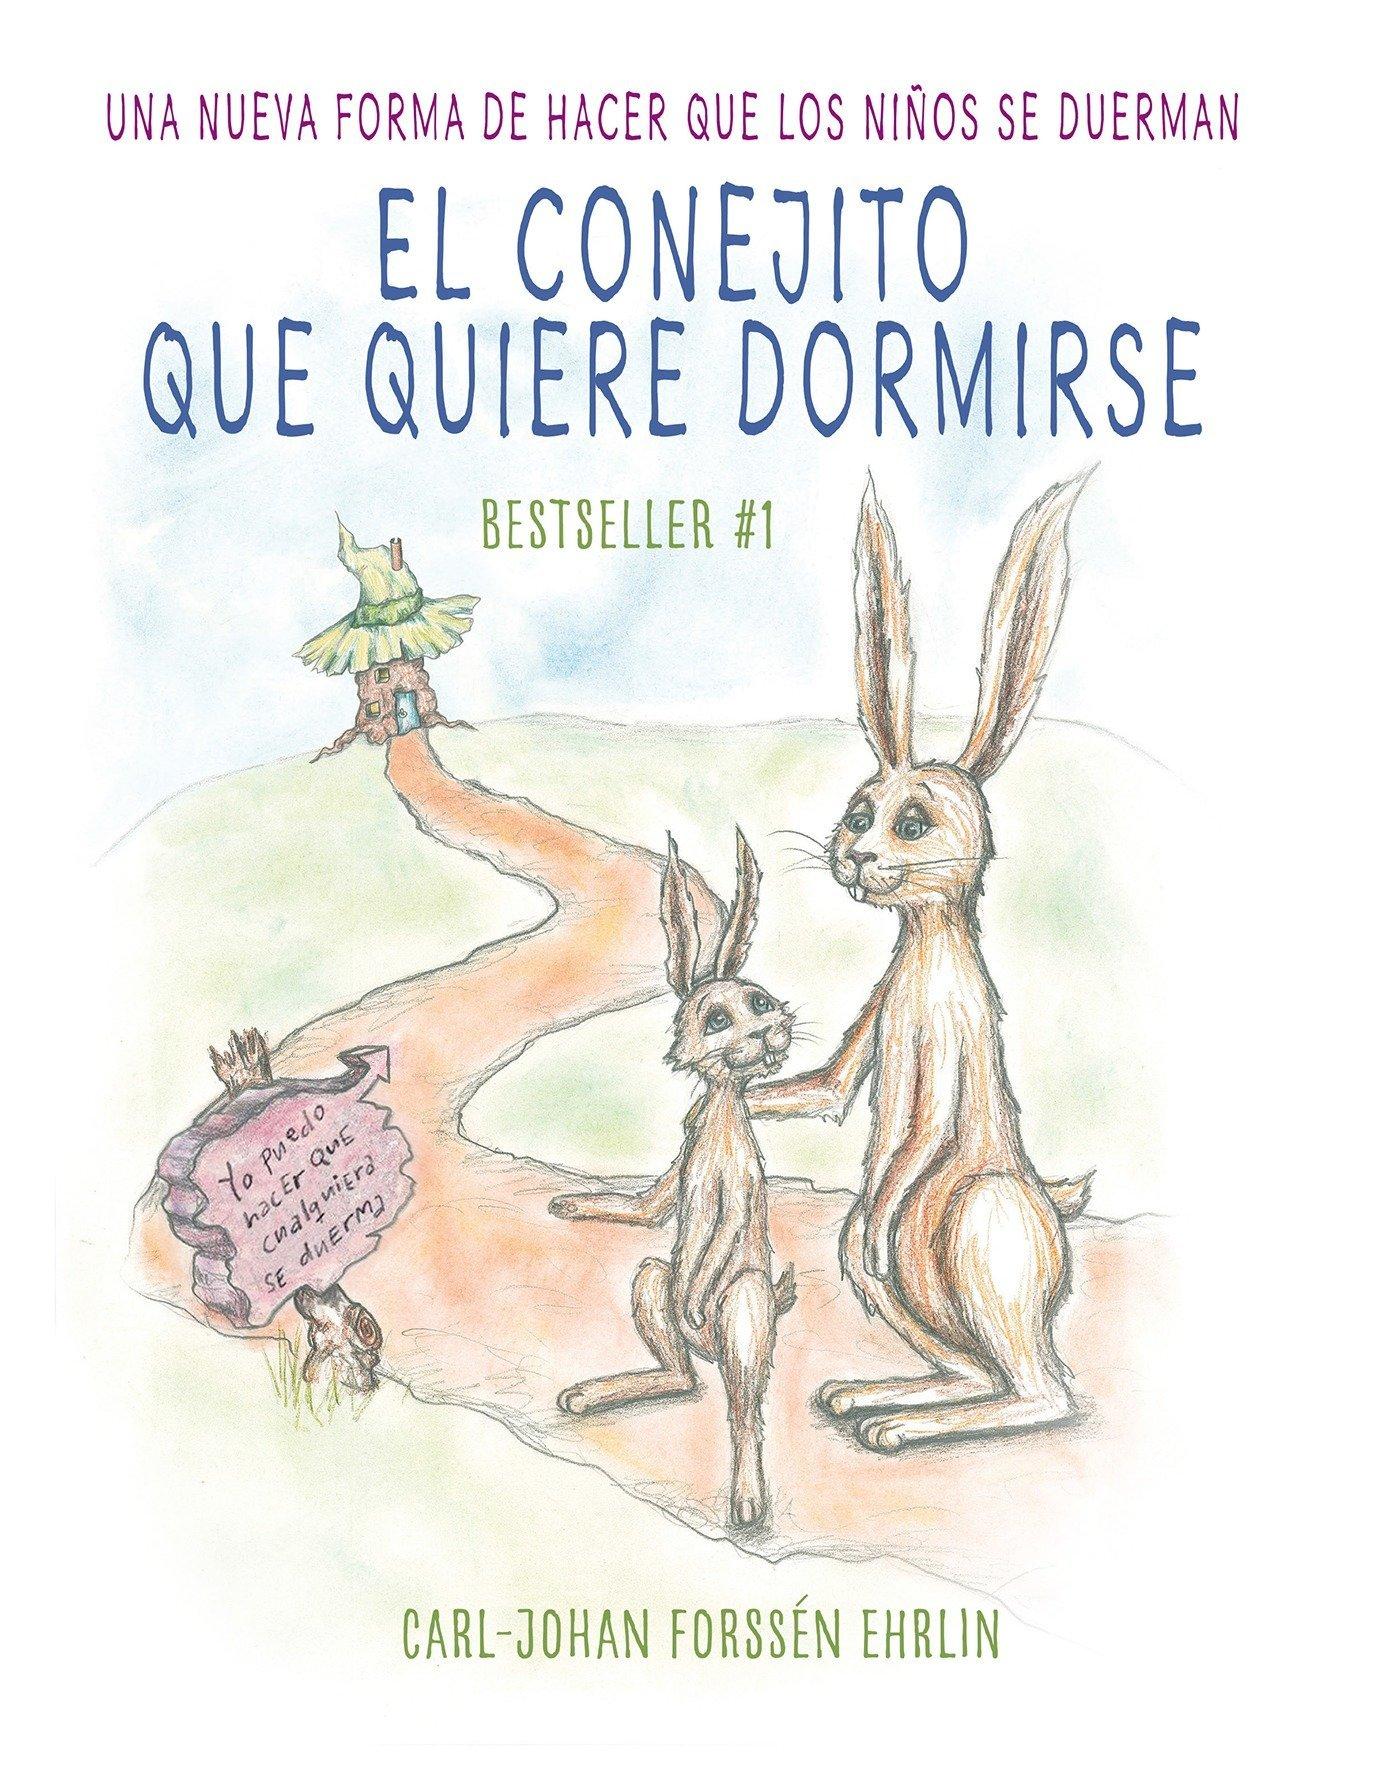 Read Online El conejito que quiere dormirse: Un nuevo método para ayudar a los niños a dormi r / The Rabbit Who Wants to Fall Asleep: A New Way of Getting Children to Sleep (Spanish Edition) PDF ePub fb2 book